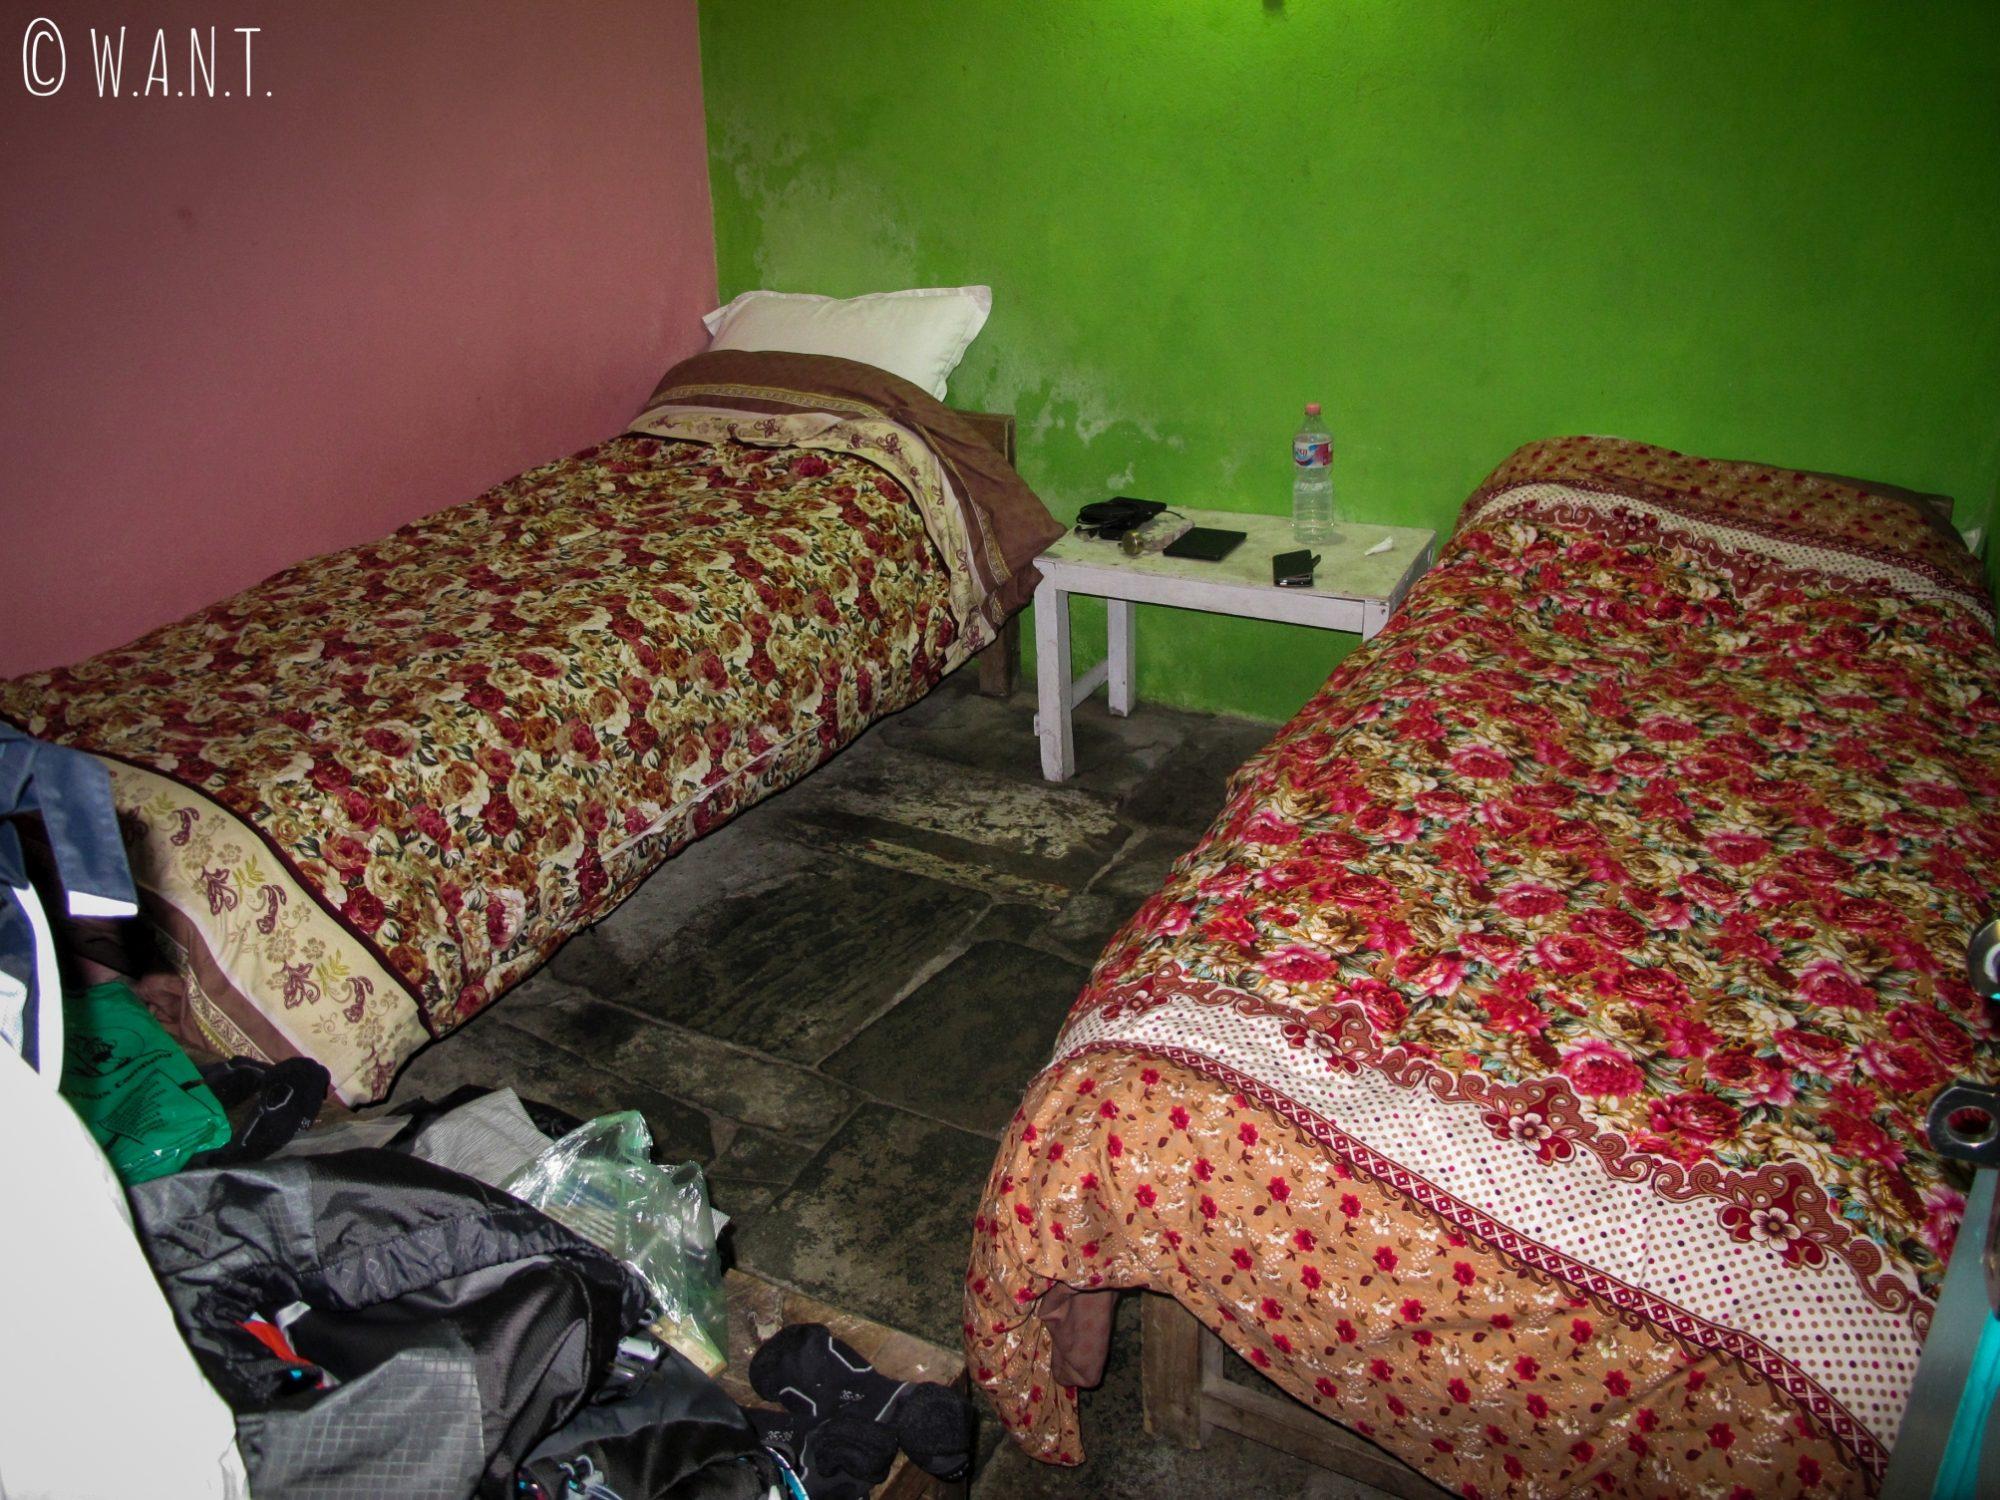 Voilà à quoi ressemble une chambre de lodge ! Spartiate et minimaliste !